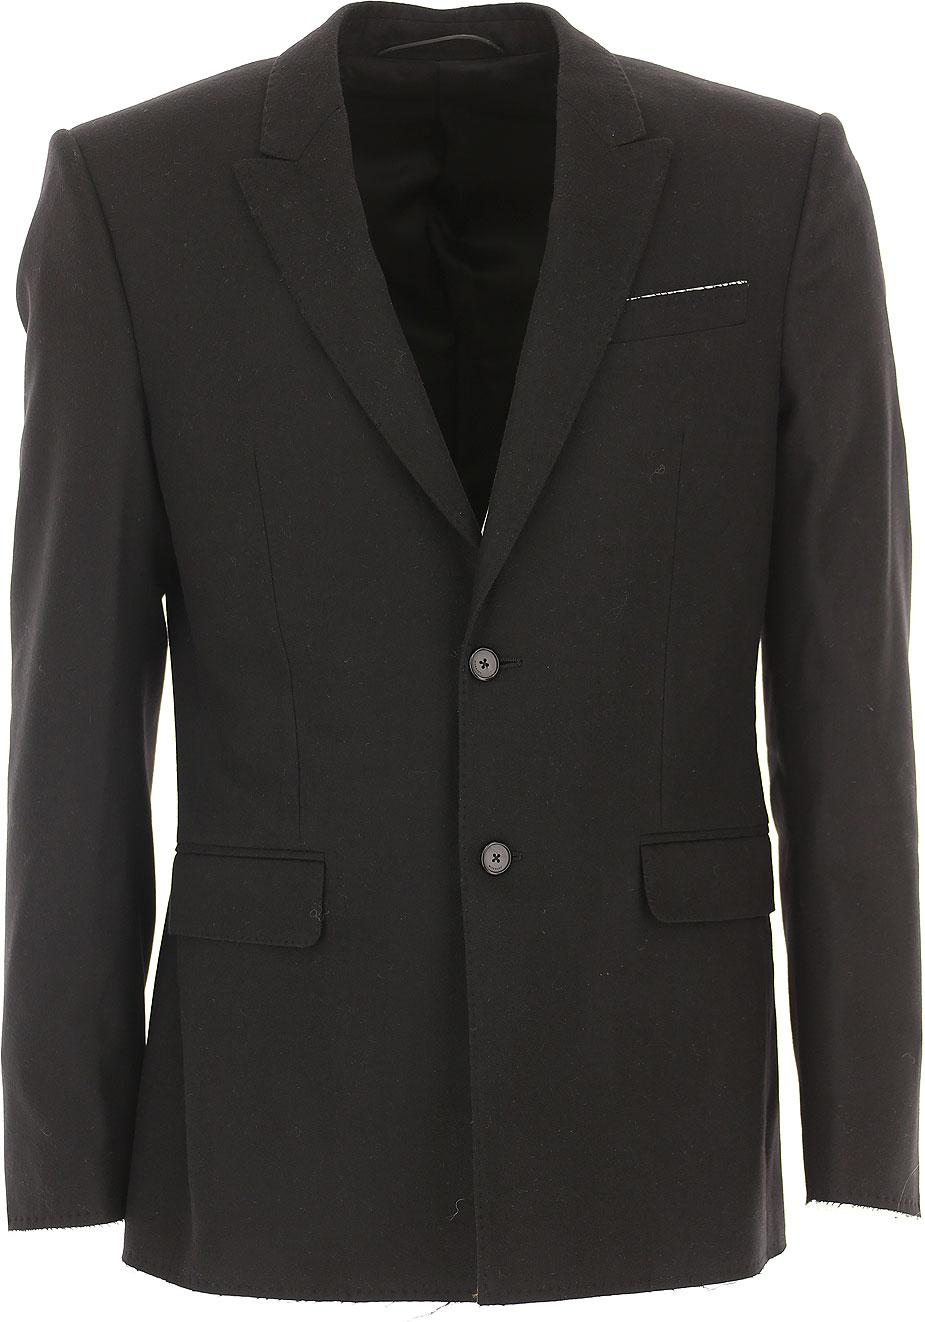 Abbigliamento Uomo Givenchy, Codice Articolo: 15w3018437-00-B603